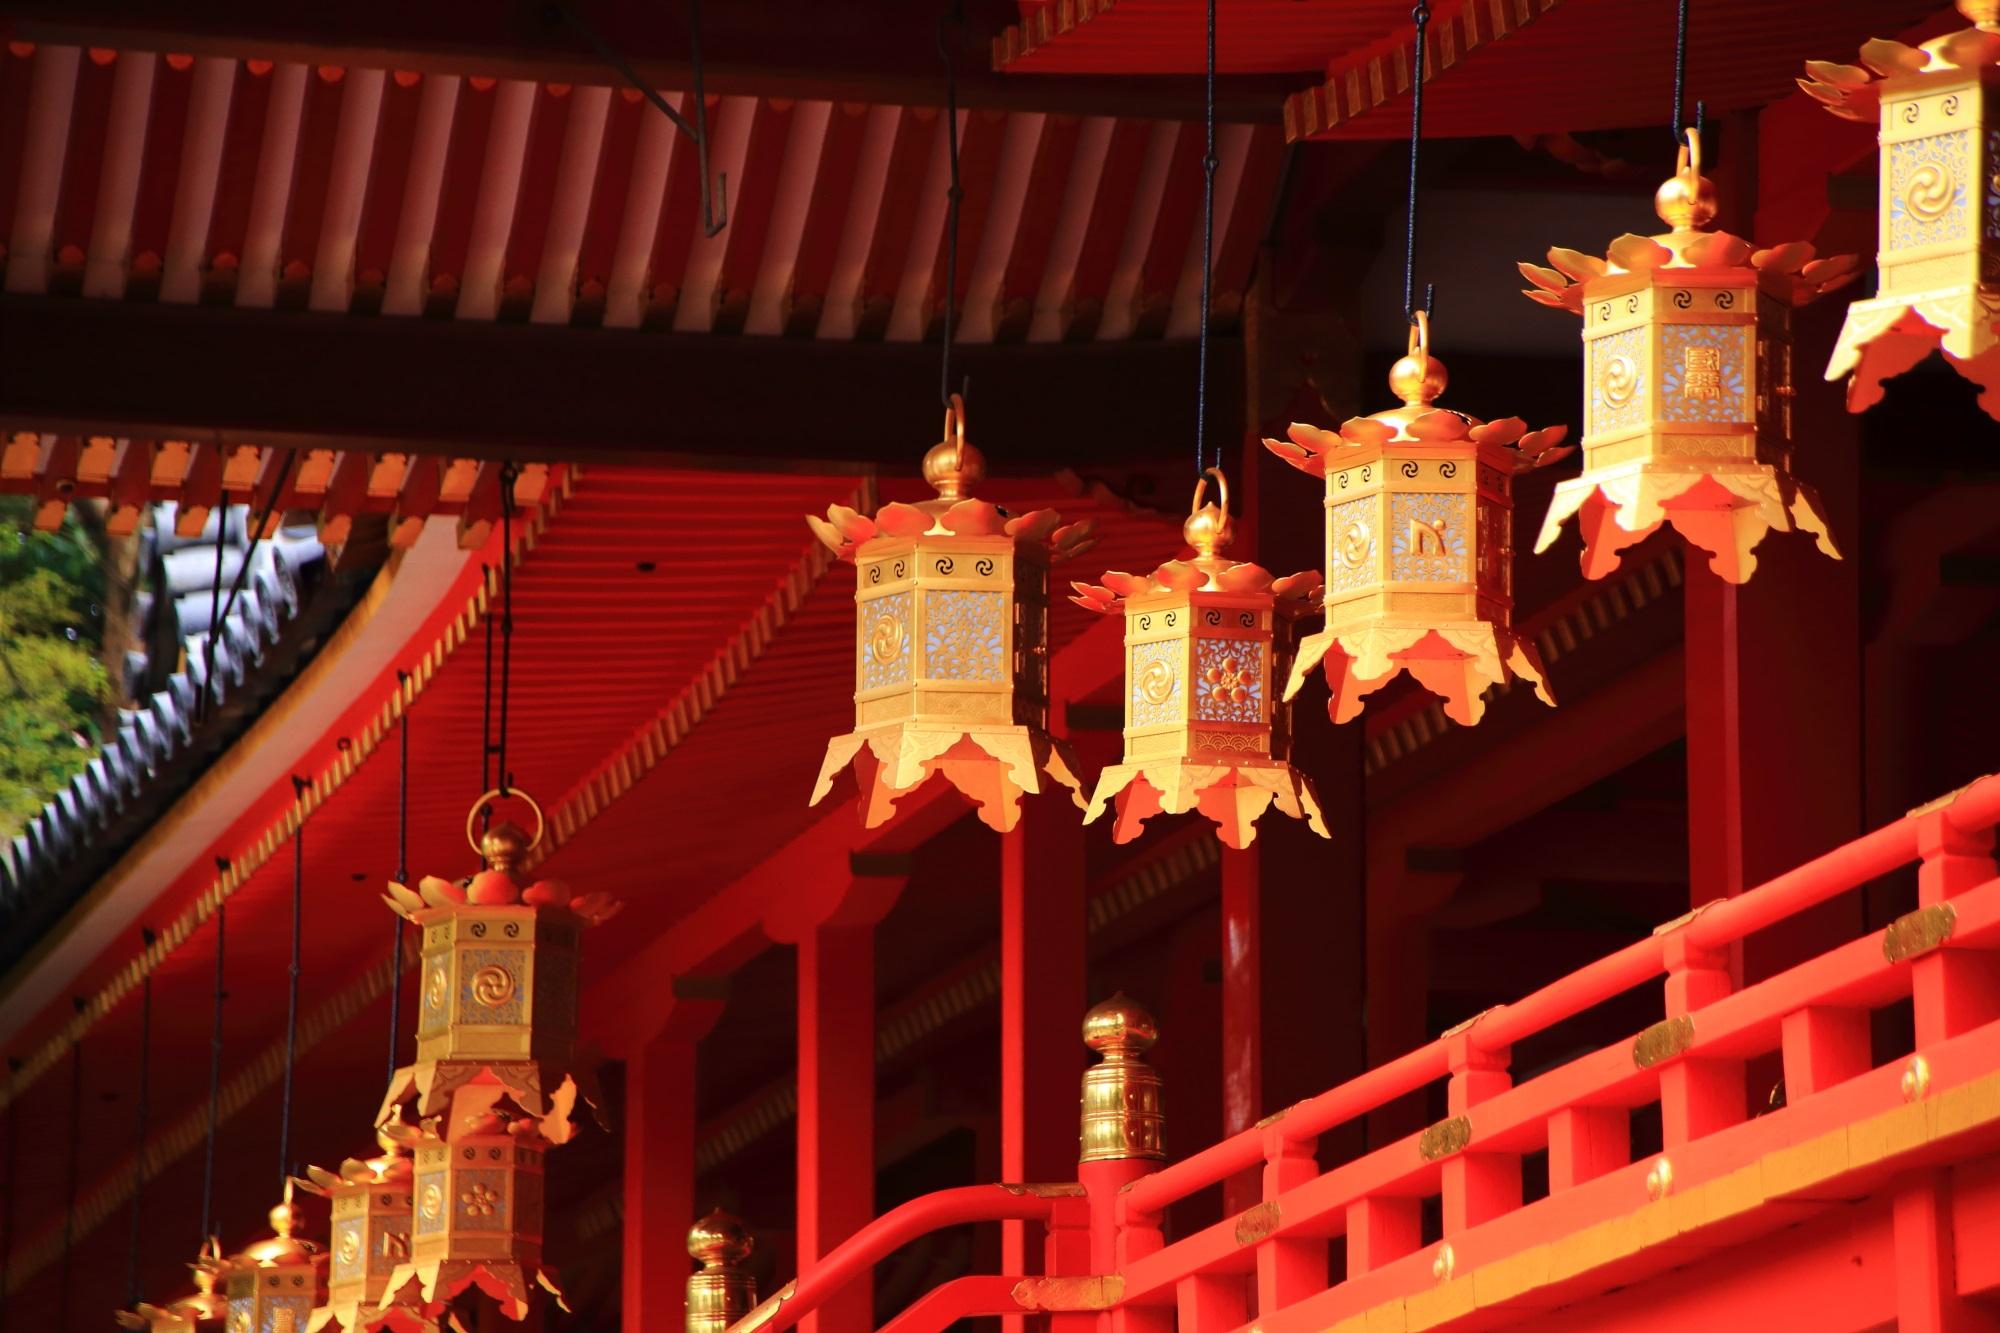 本殿に並ぶ煌びやかな金色の吊るし灯篭